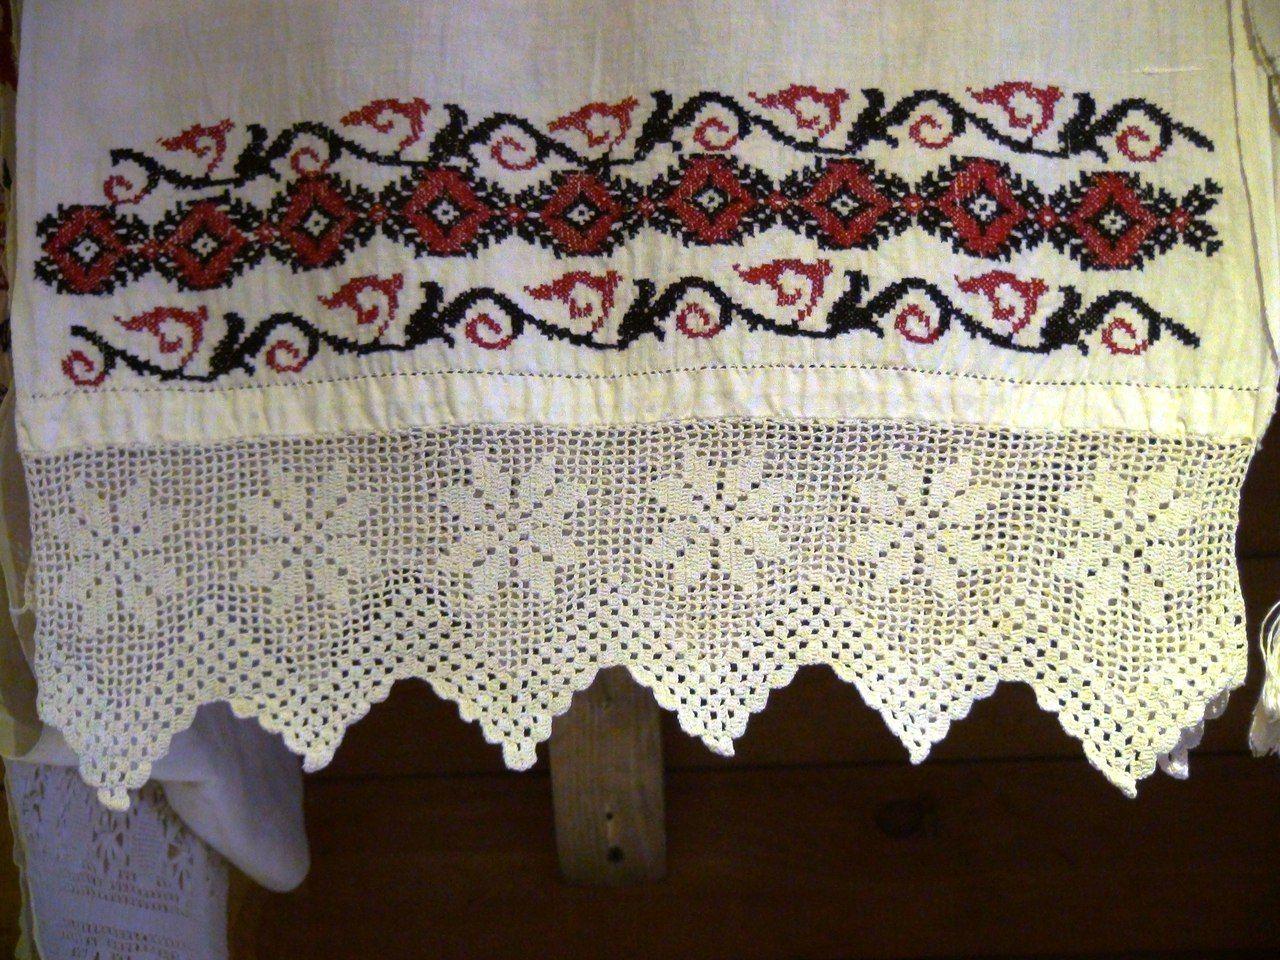 схема вышивки свадебного рушника в рм